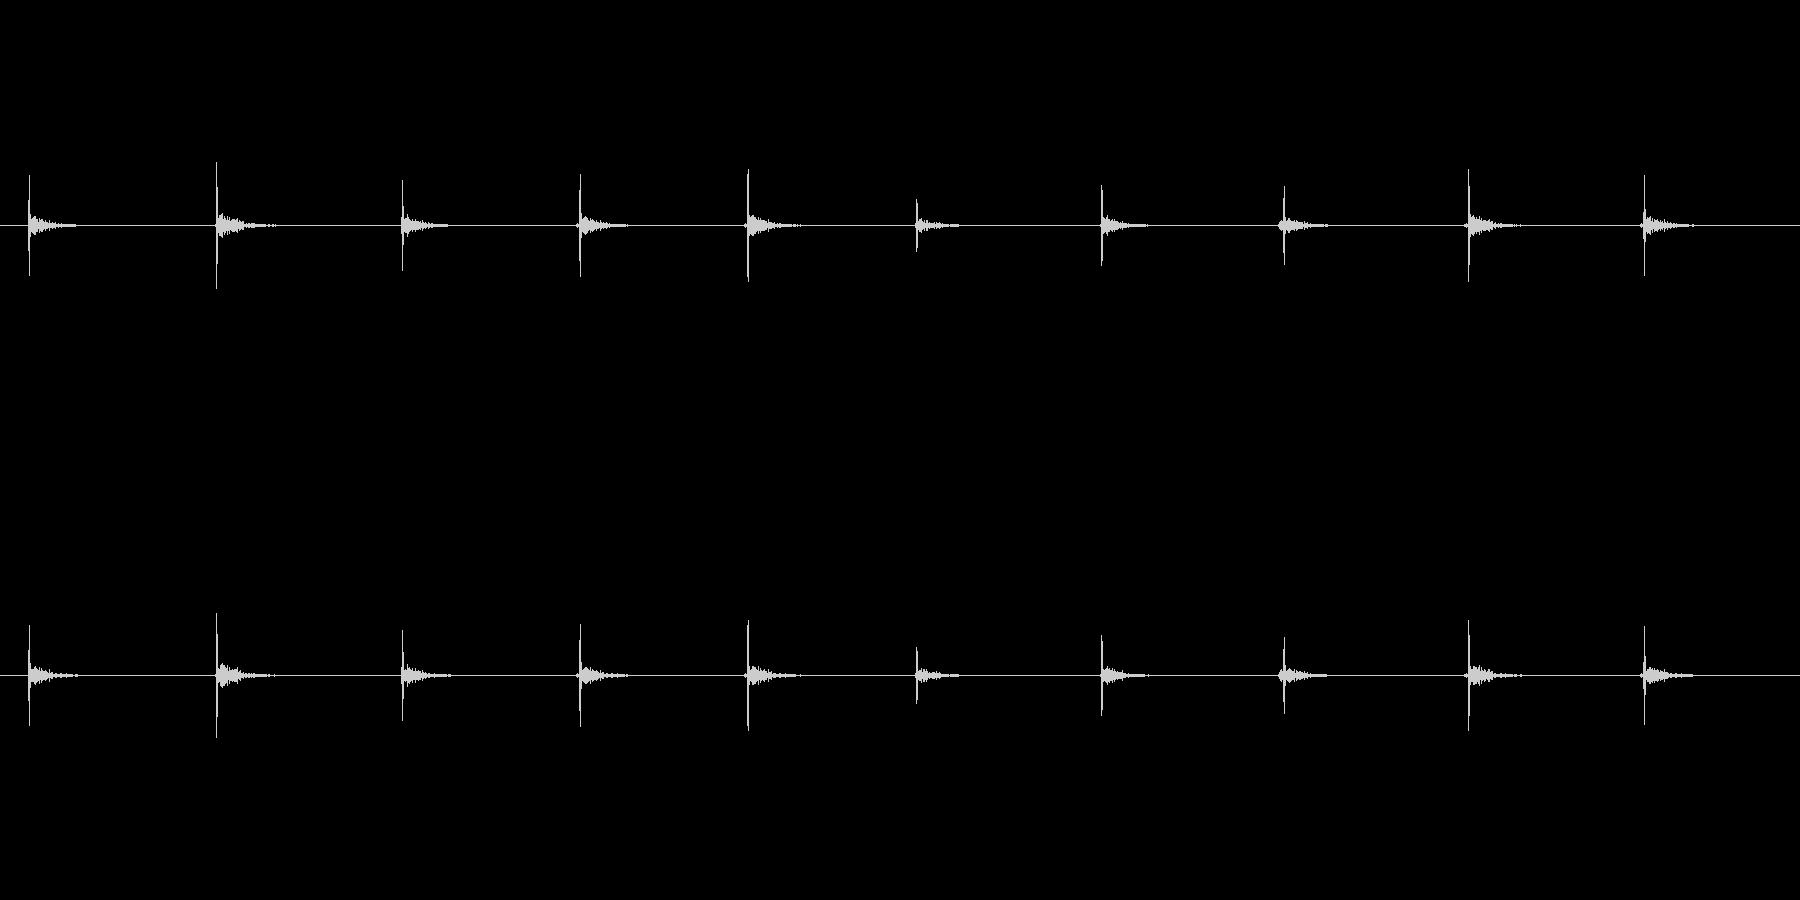 【足音02-6L】の未再生の波形